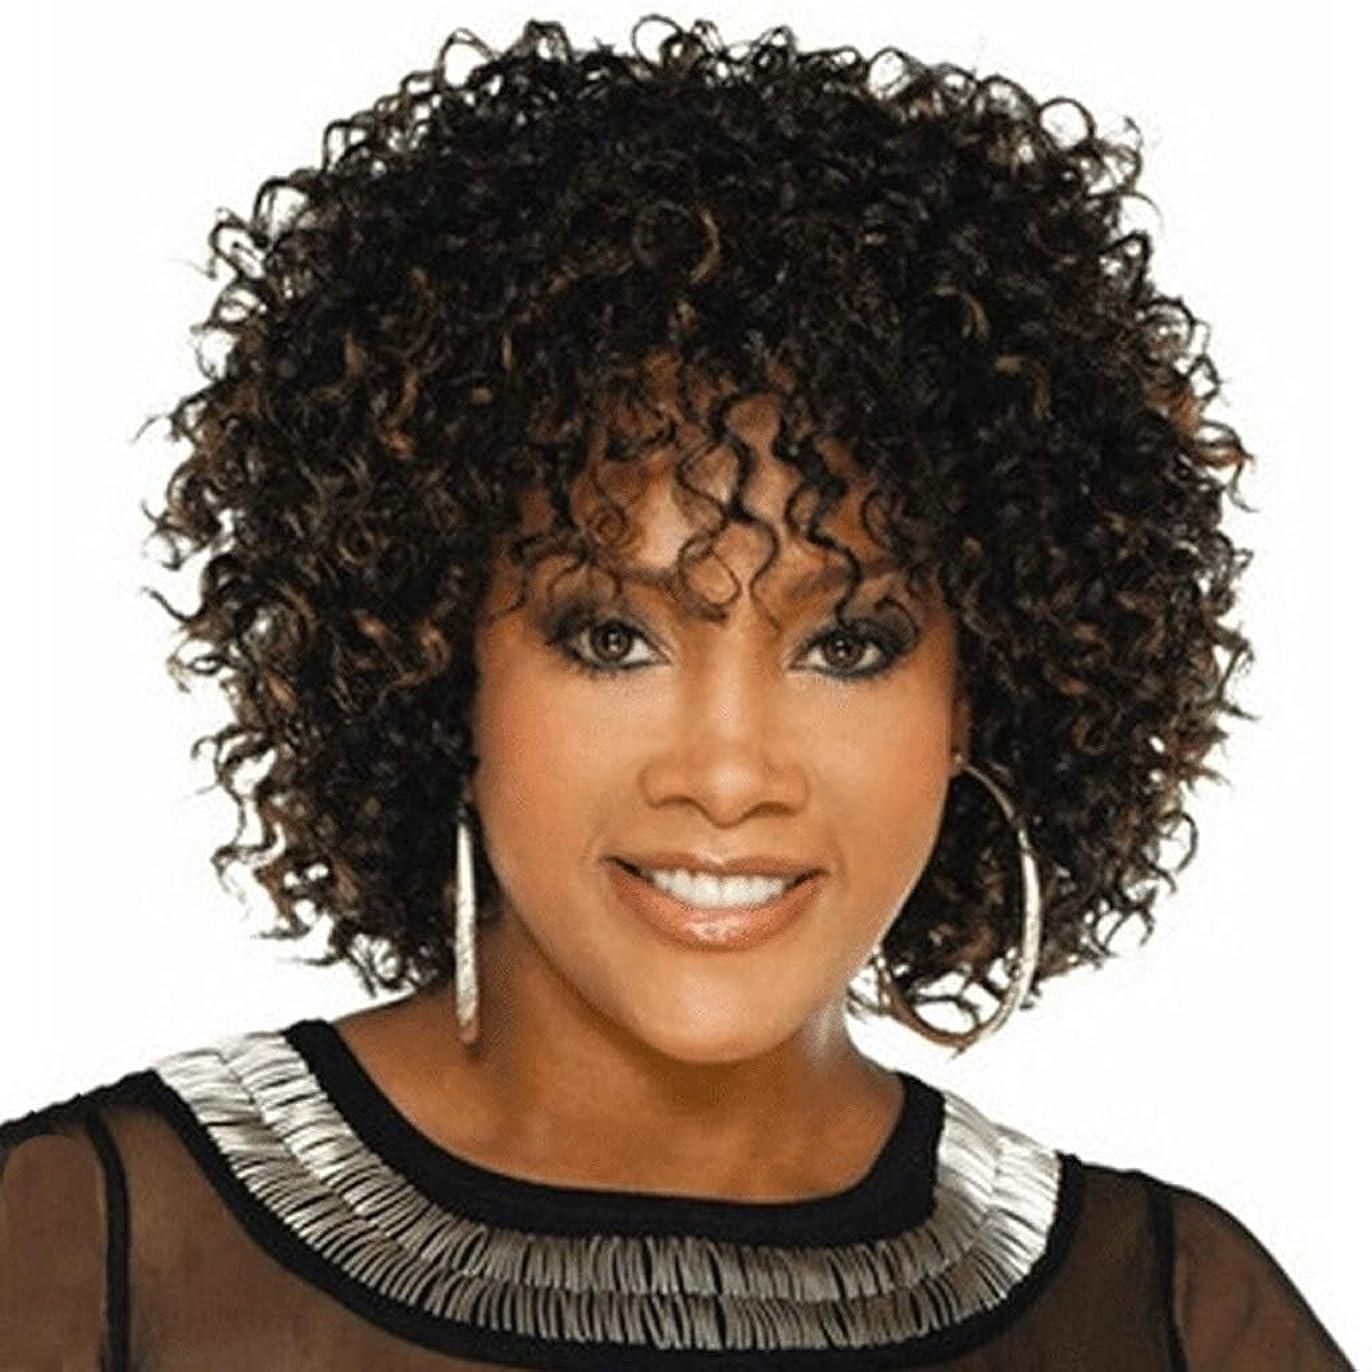 いじめっ子科学福祉黒人女性、髪アフロ変態カーリーナチュラルブラックヘアウィッグ100%耐熱繊維用ショートカーリーウィッグ (色 : ブラック)